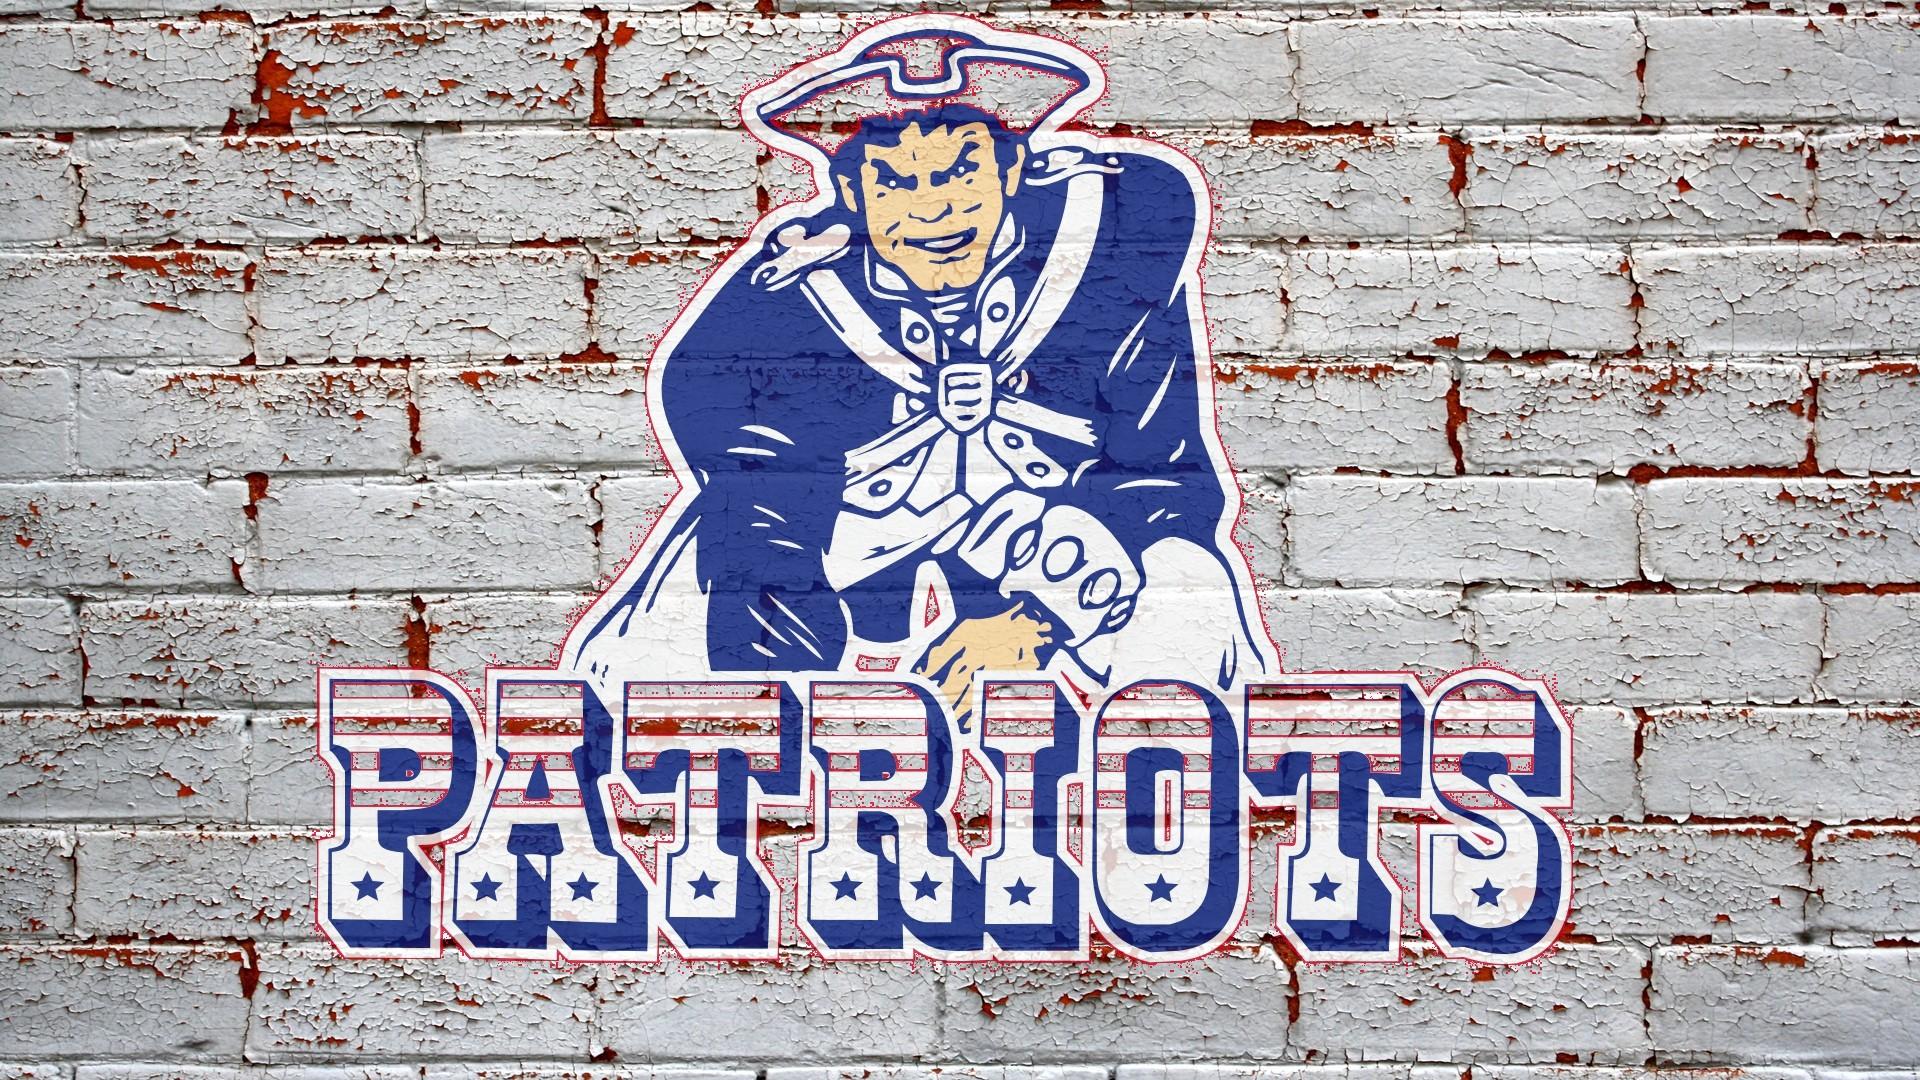 NFL New England Patriots Logo On Grey Brick Wall 1920x1080 HD NFL 1920x1080